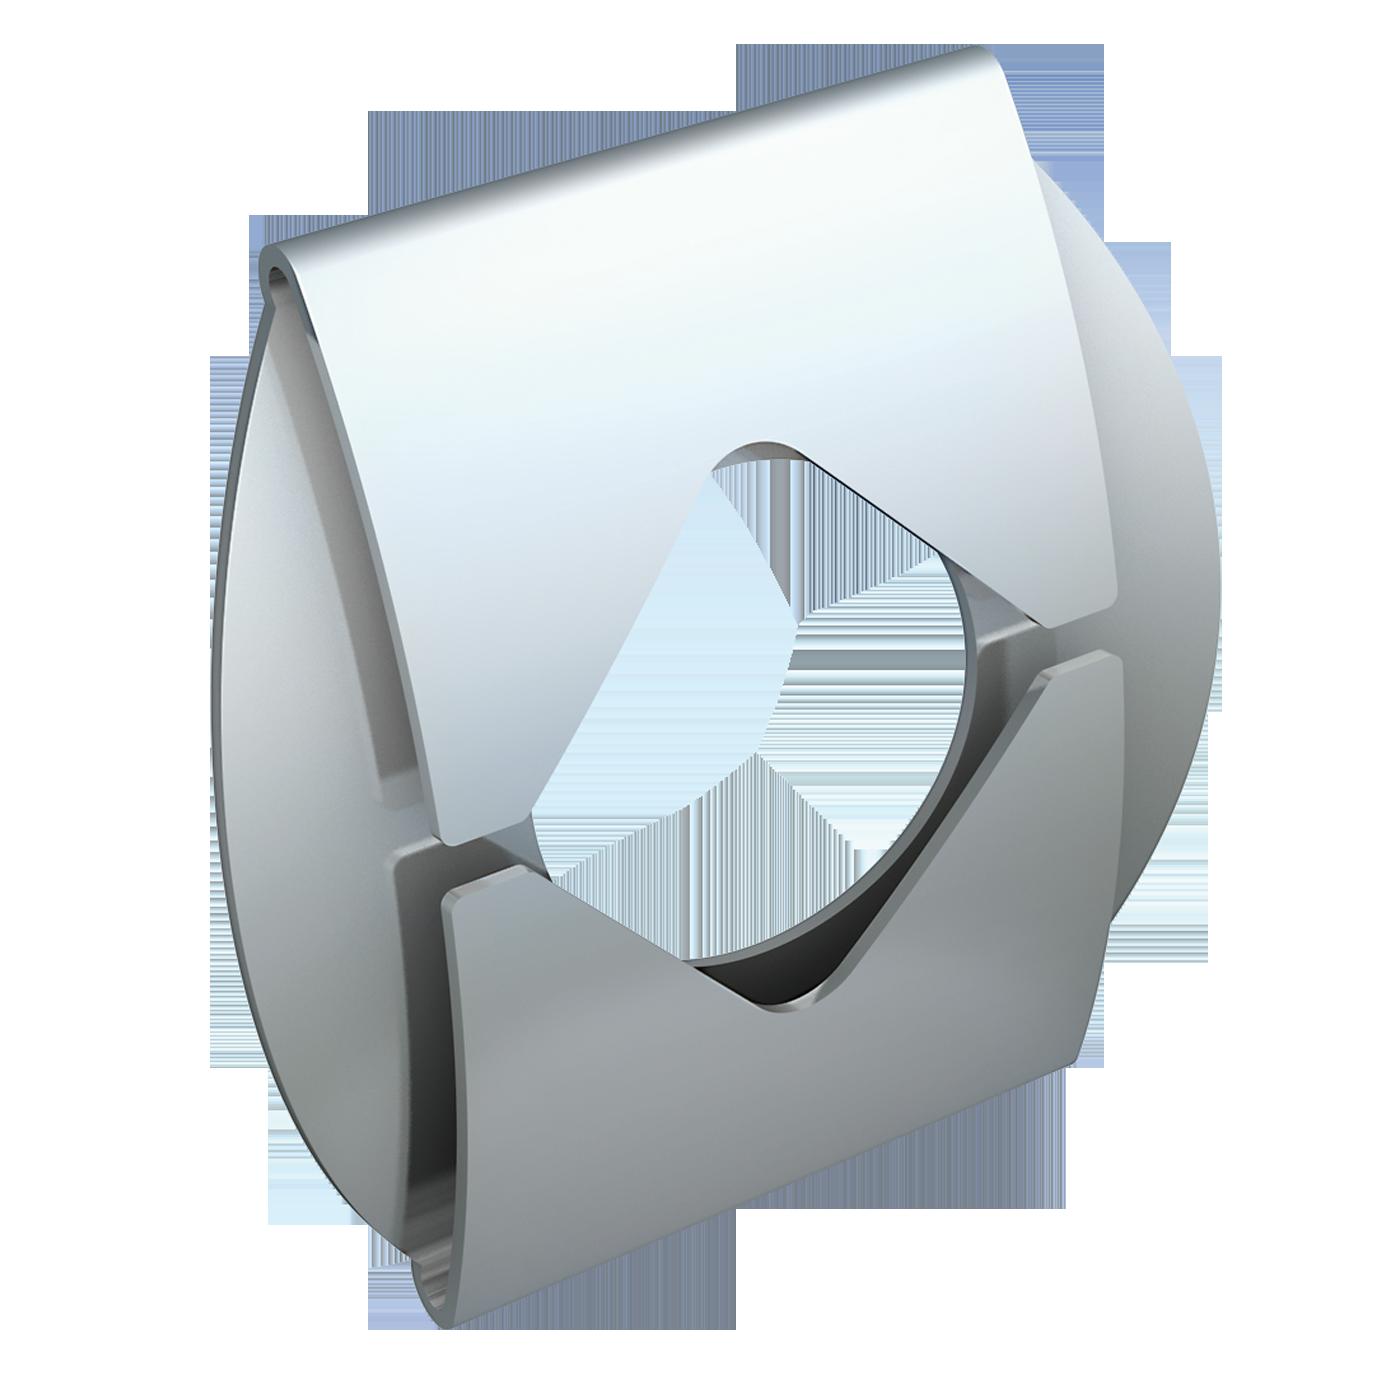 mbo Oßwald hat Duo-Clip, Duo-Clipse im Programm. Hergestellt werden diese Sicherungen für Bolzen und Wellen ohne Nut aus Federbandstahl.